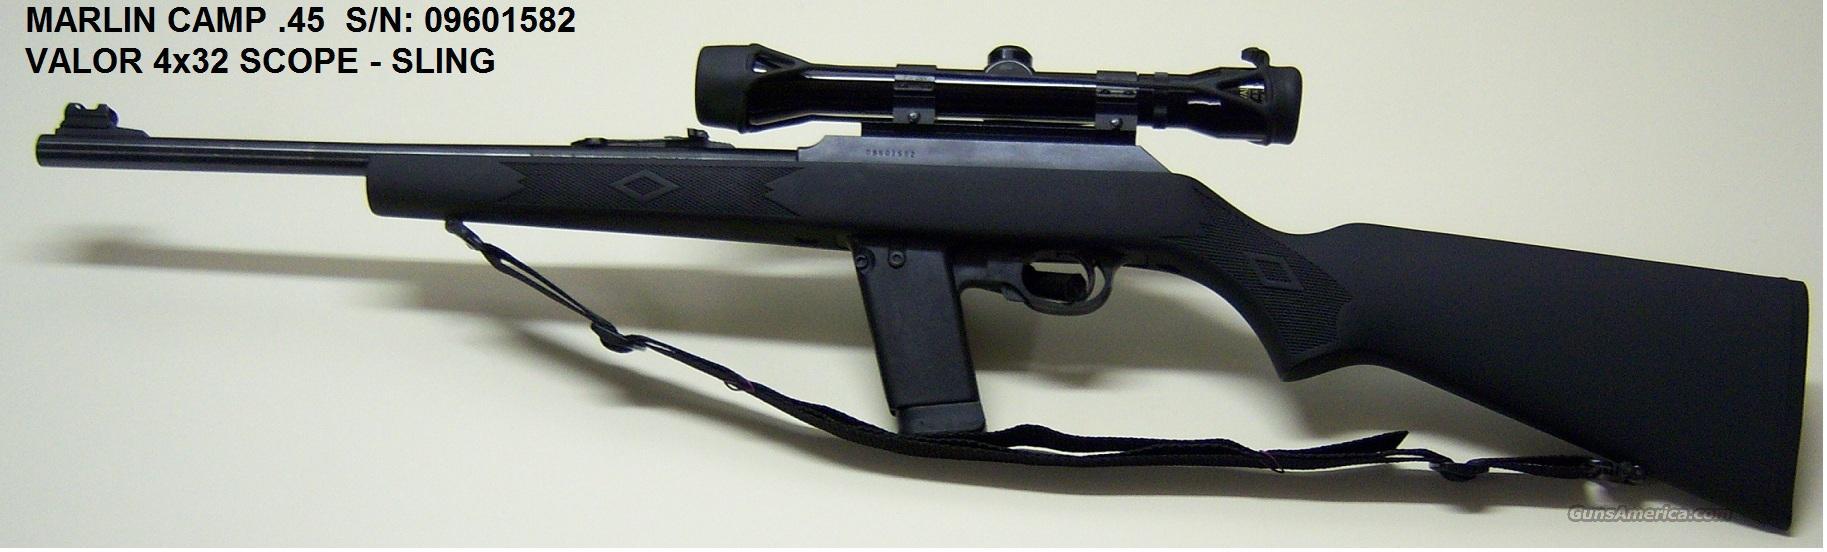 Marlin model 45 camp carbine ruger 44 magnum m1 garand 30 06 c